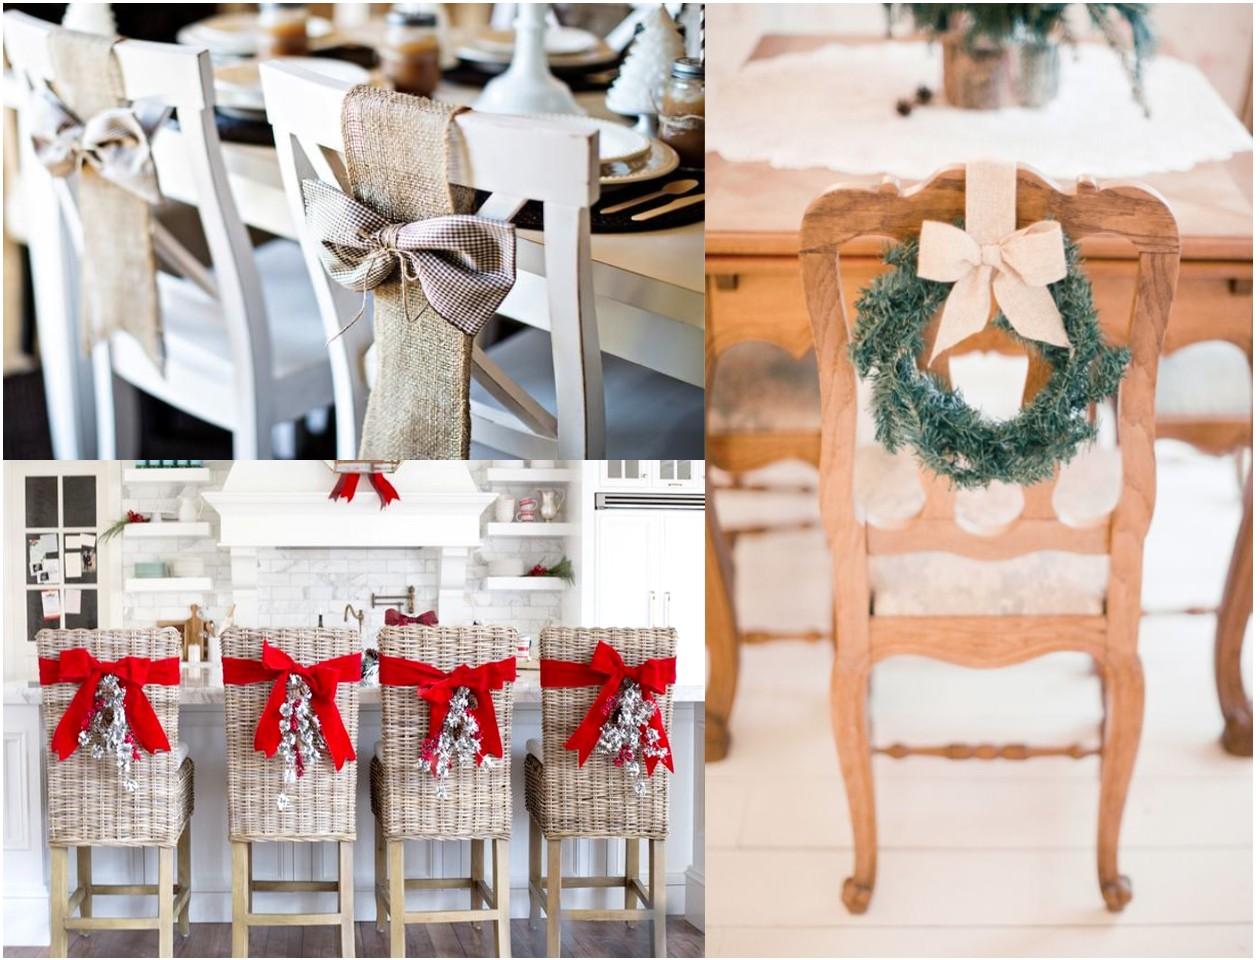 9 sillas decoradas de navidad que te inspirar n for Sillas decoracion